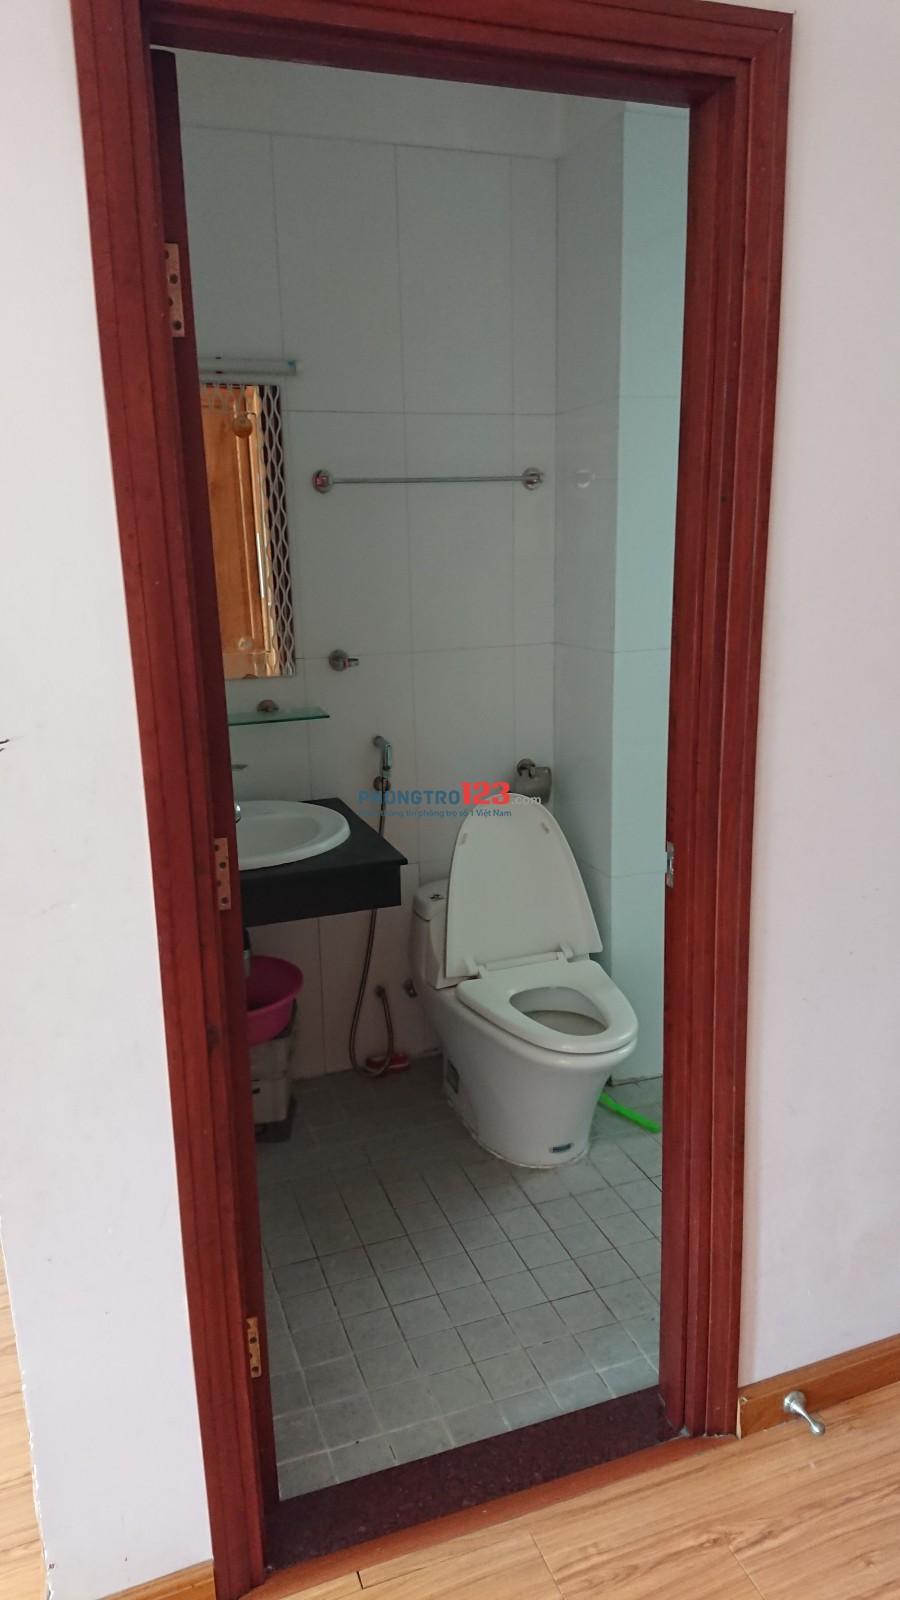 Cho thuê phòng trọ đầy đủ tiện nghi. Giá rẻ